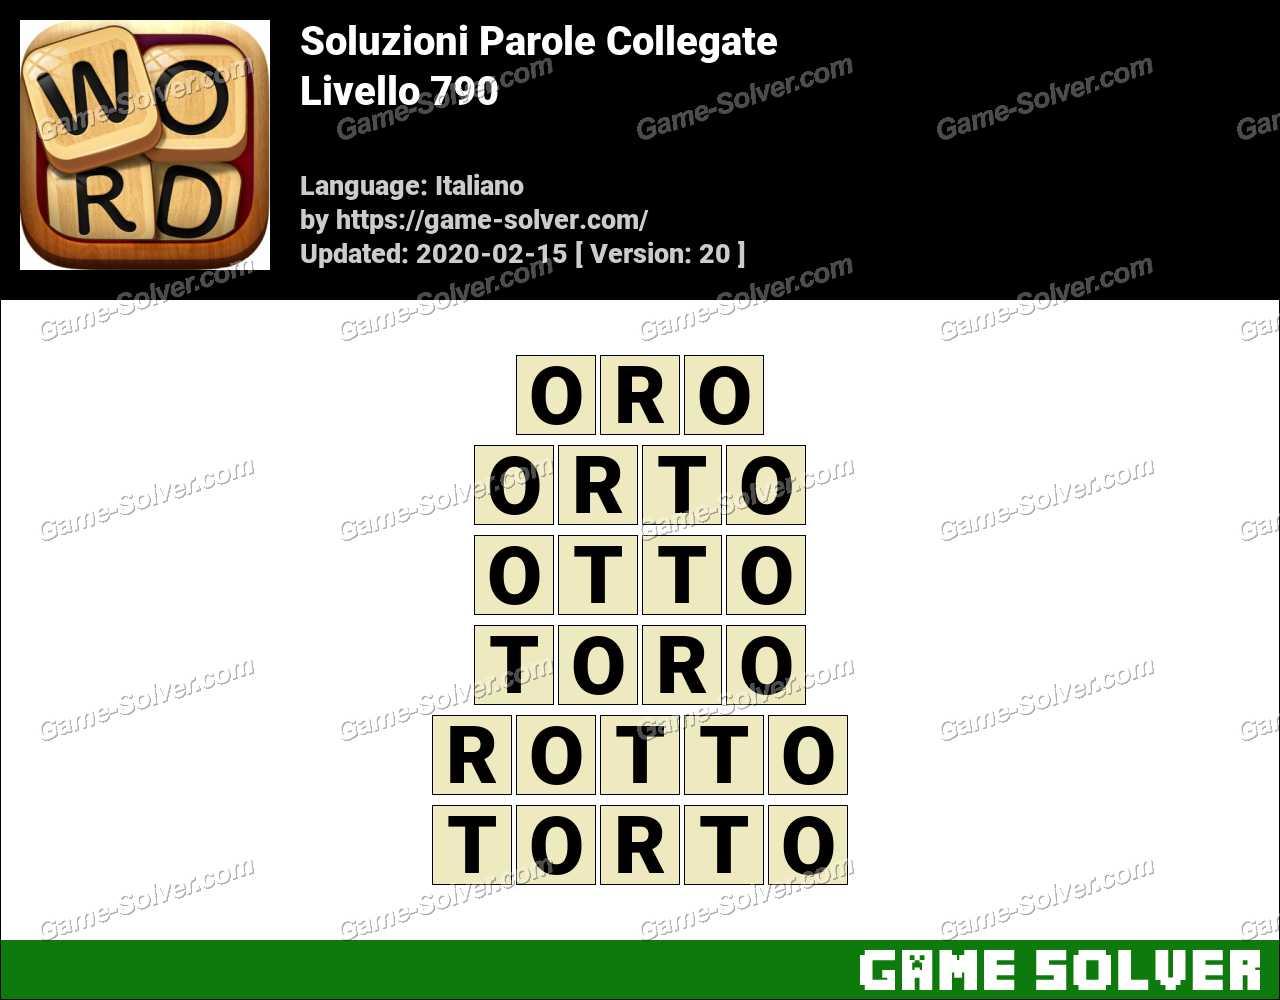 Soluzioni Parole Collegate Livello 790